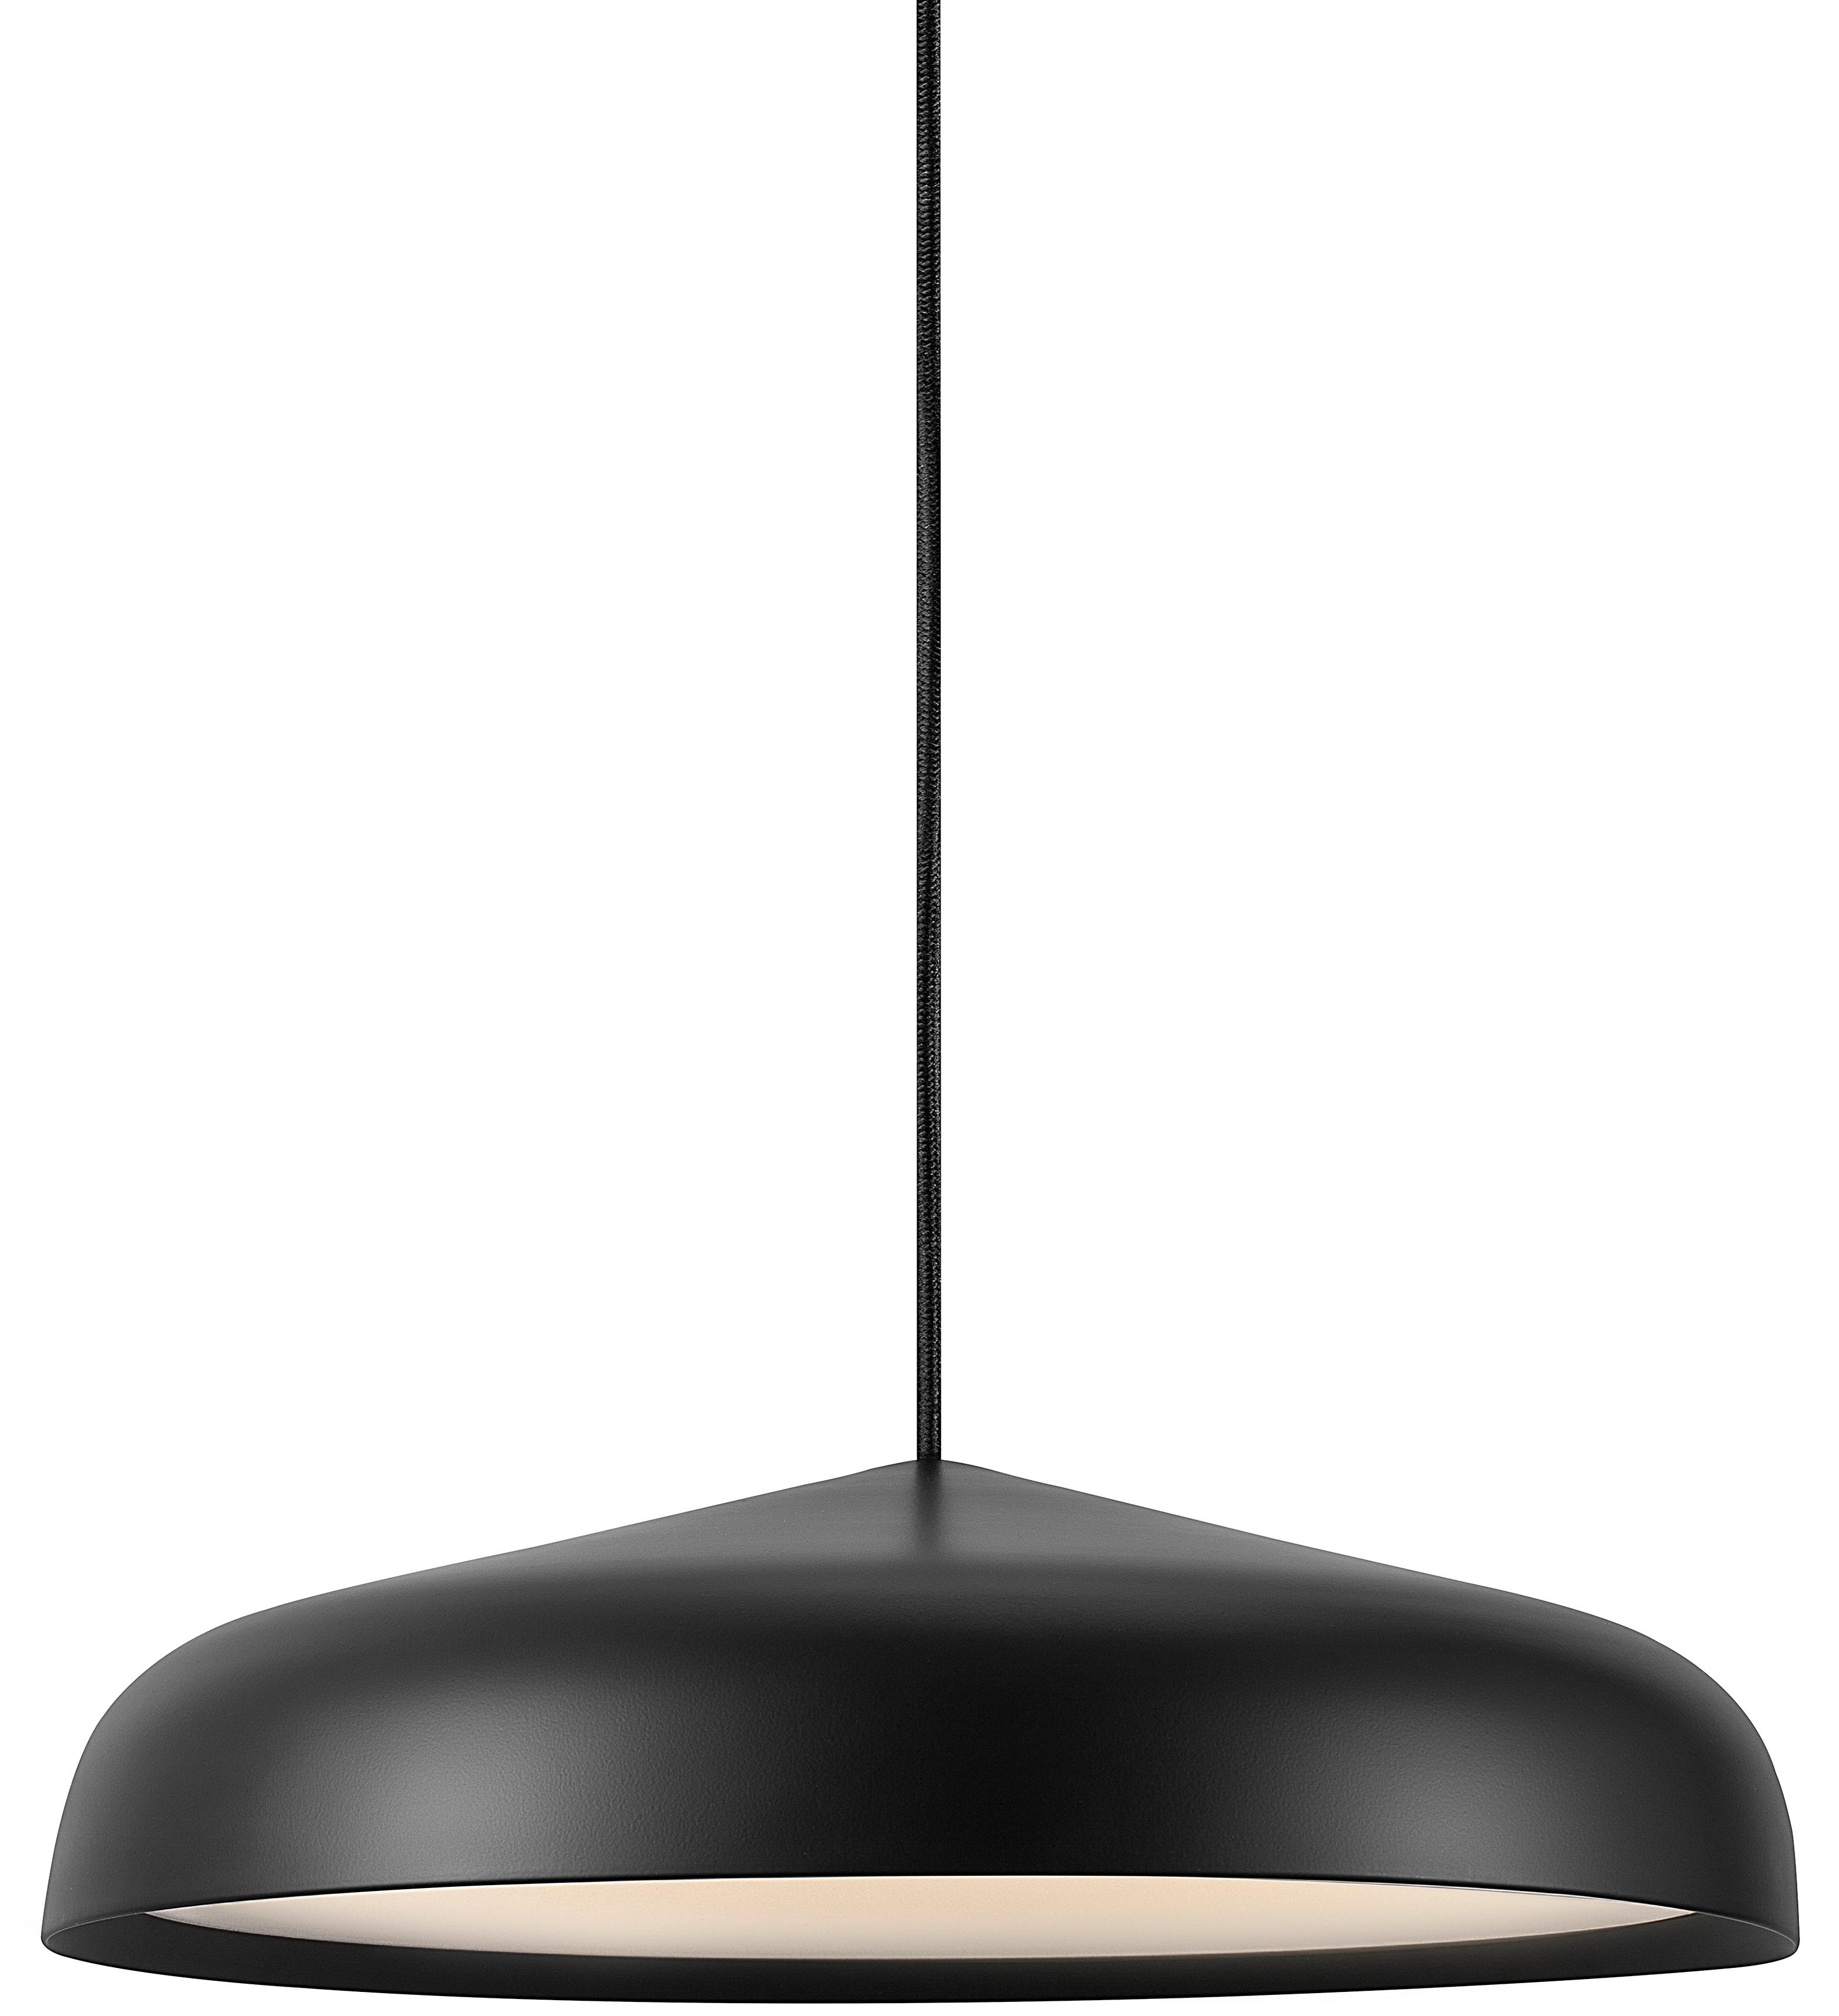 design for the people LED Pendelleuchte FURA, LED-Modul, Farbwechsler, Hängeleuchte, Lichtfarbe wechselbar, inkl. LED, 5 Jahre Garantie